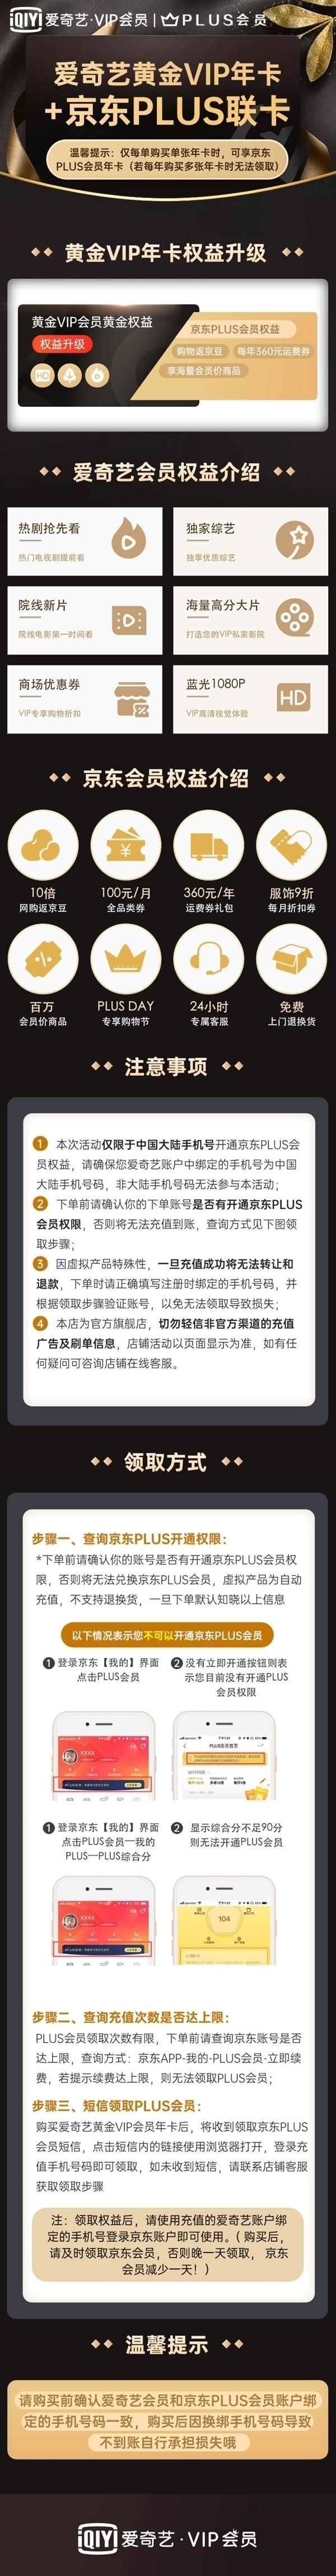 79元起!爱奇艺+京东PLUS/酷狗/网易/B站/芒果年卡集体大促